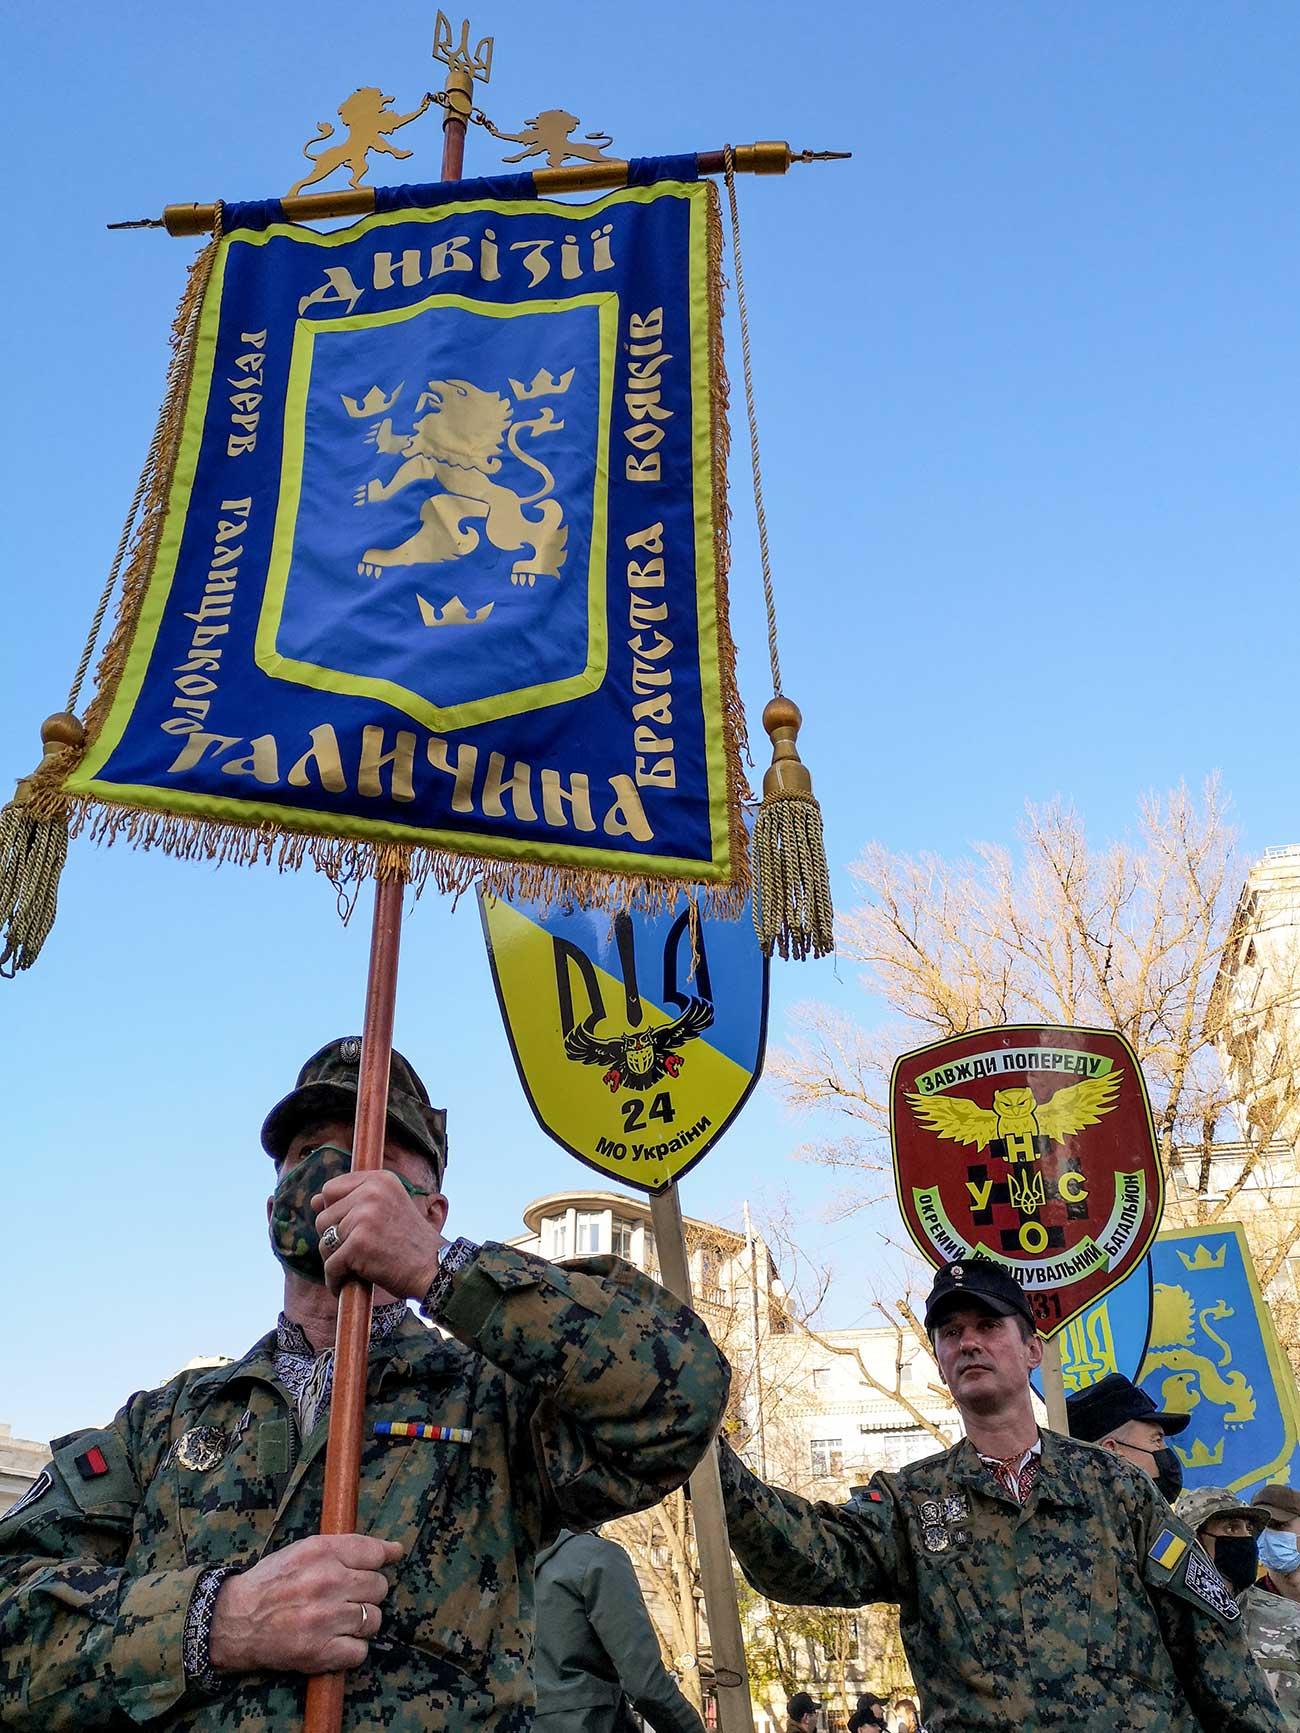 """marsh ss galichina 182020 - <b>Допоможіть знайти загублені літери.</b> Як в Києві пройшов марш на честь дивізії СС """"Галичина"""" - Заборона"""